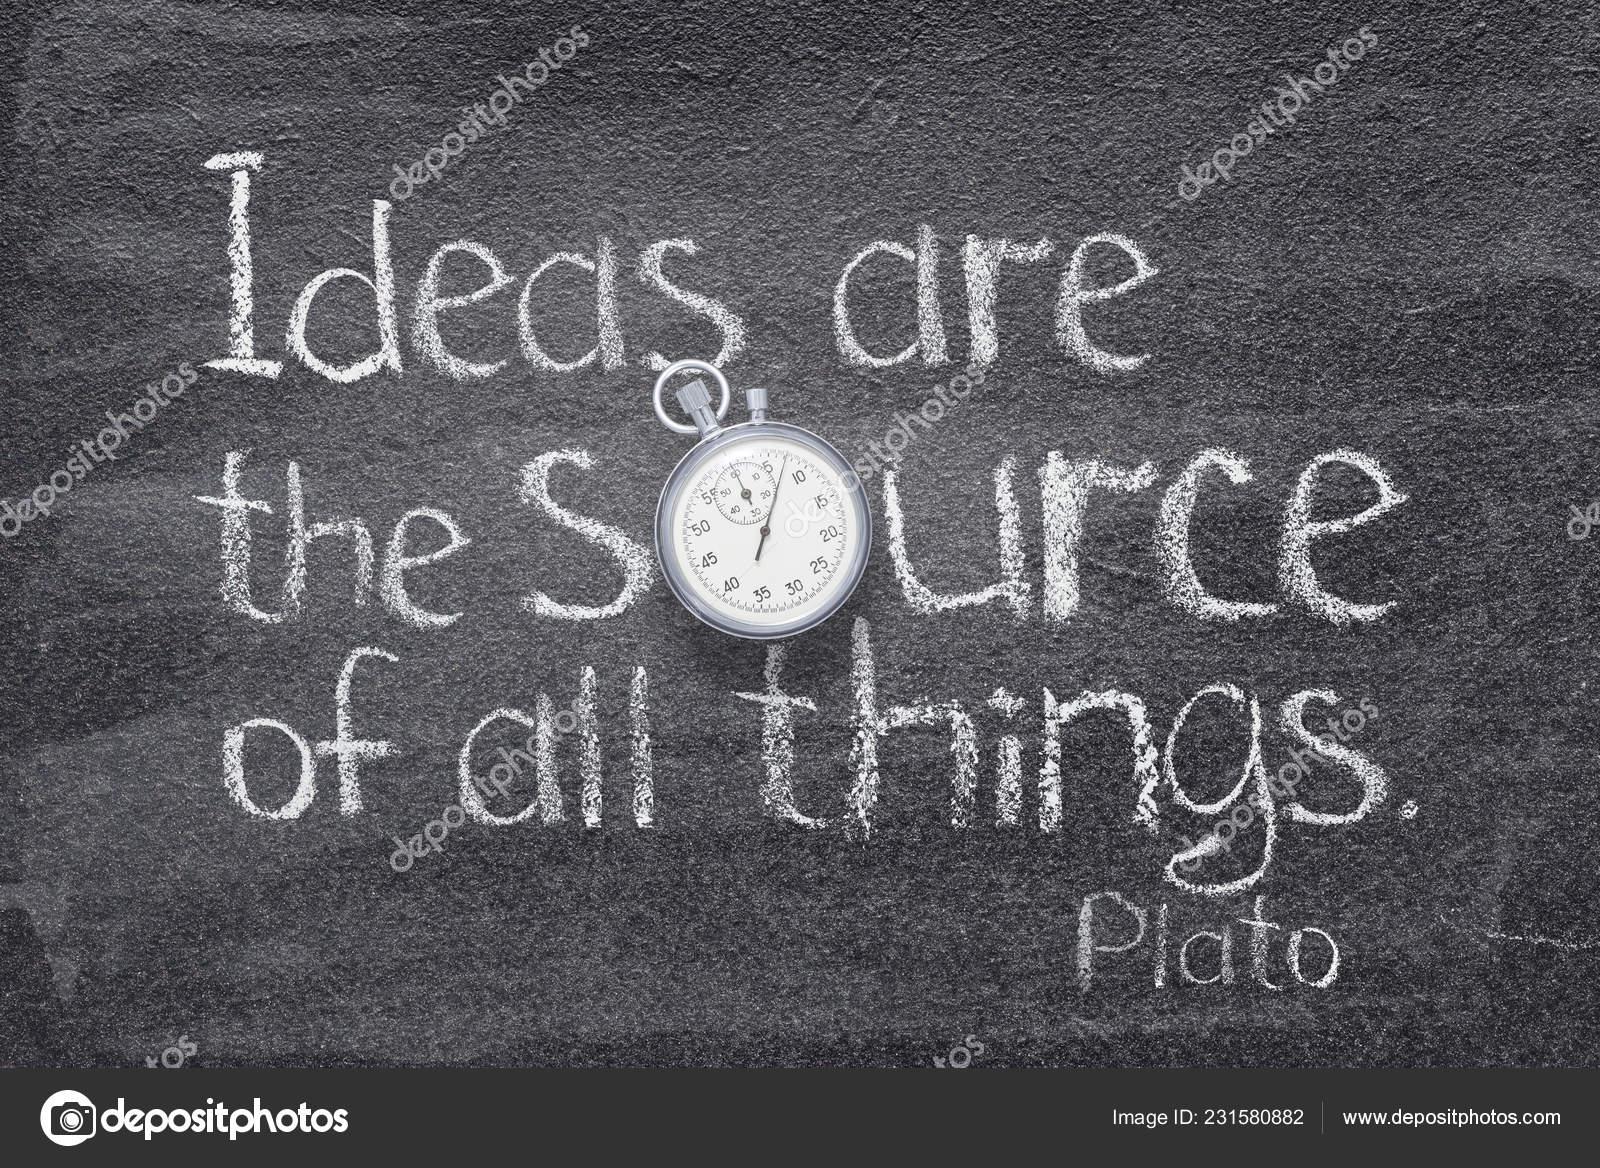 Ideen Sind Die Quelle Für Alle Dinge Zitat Des Antiken